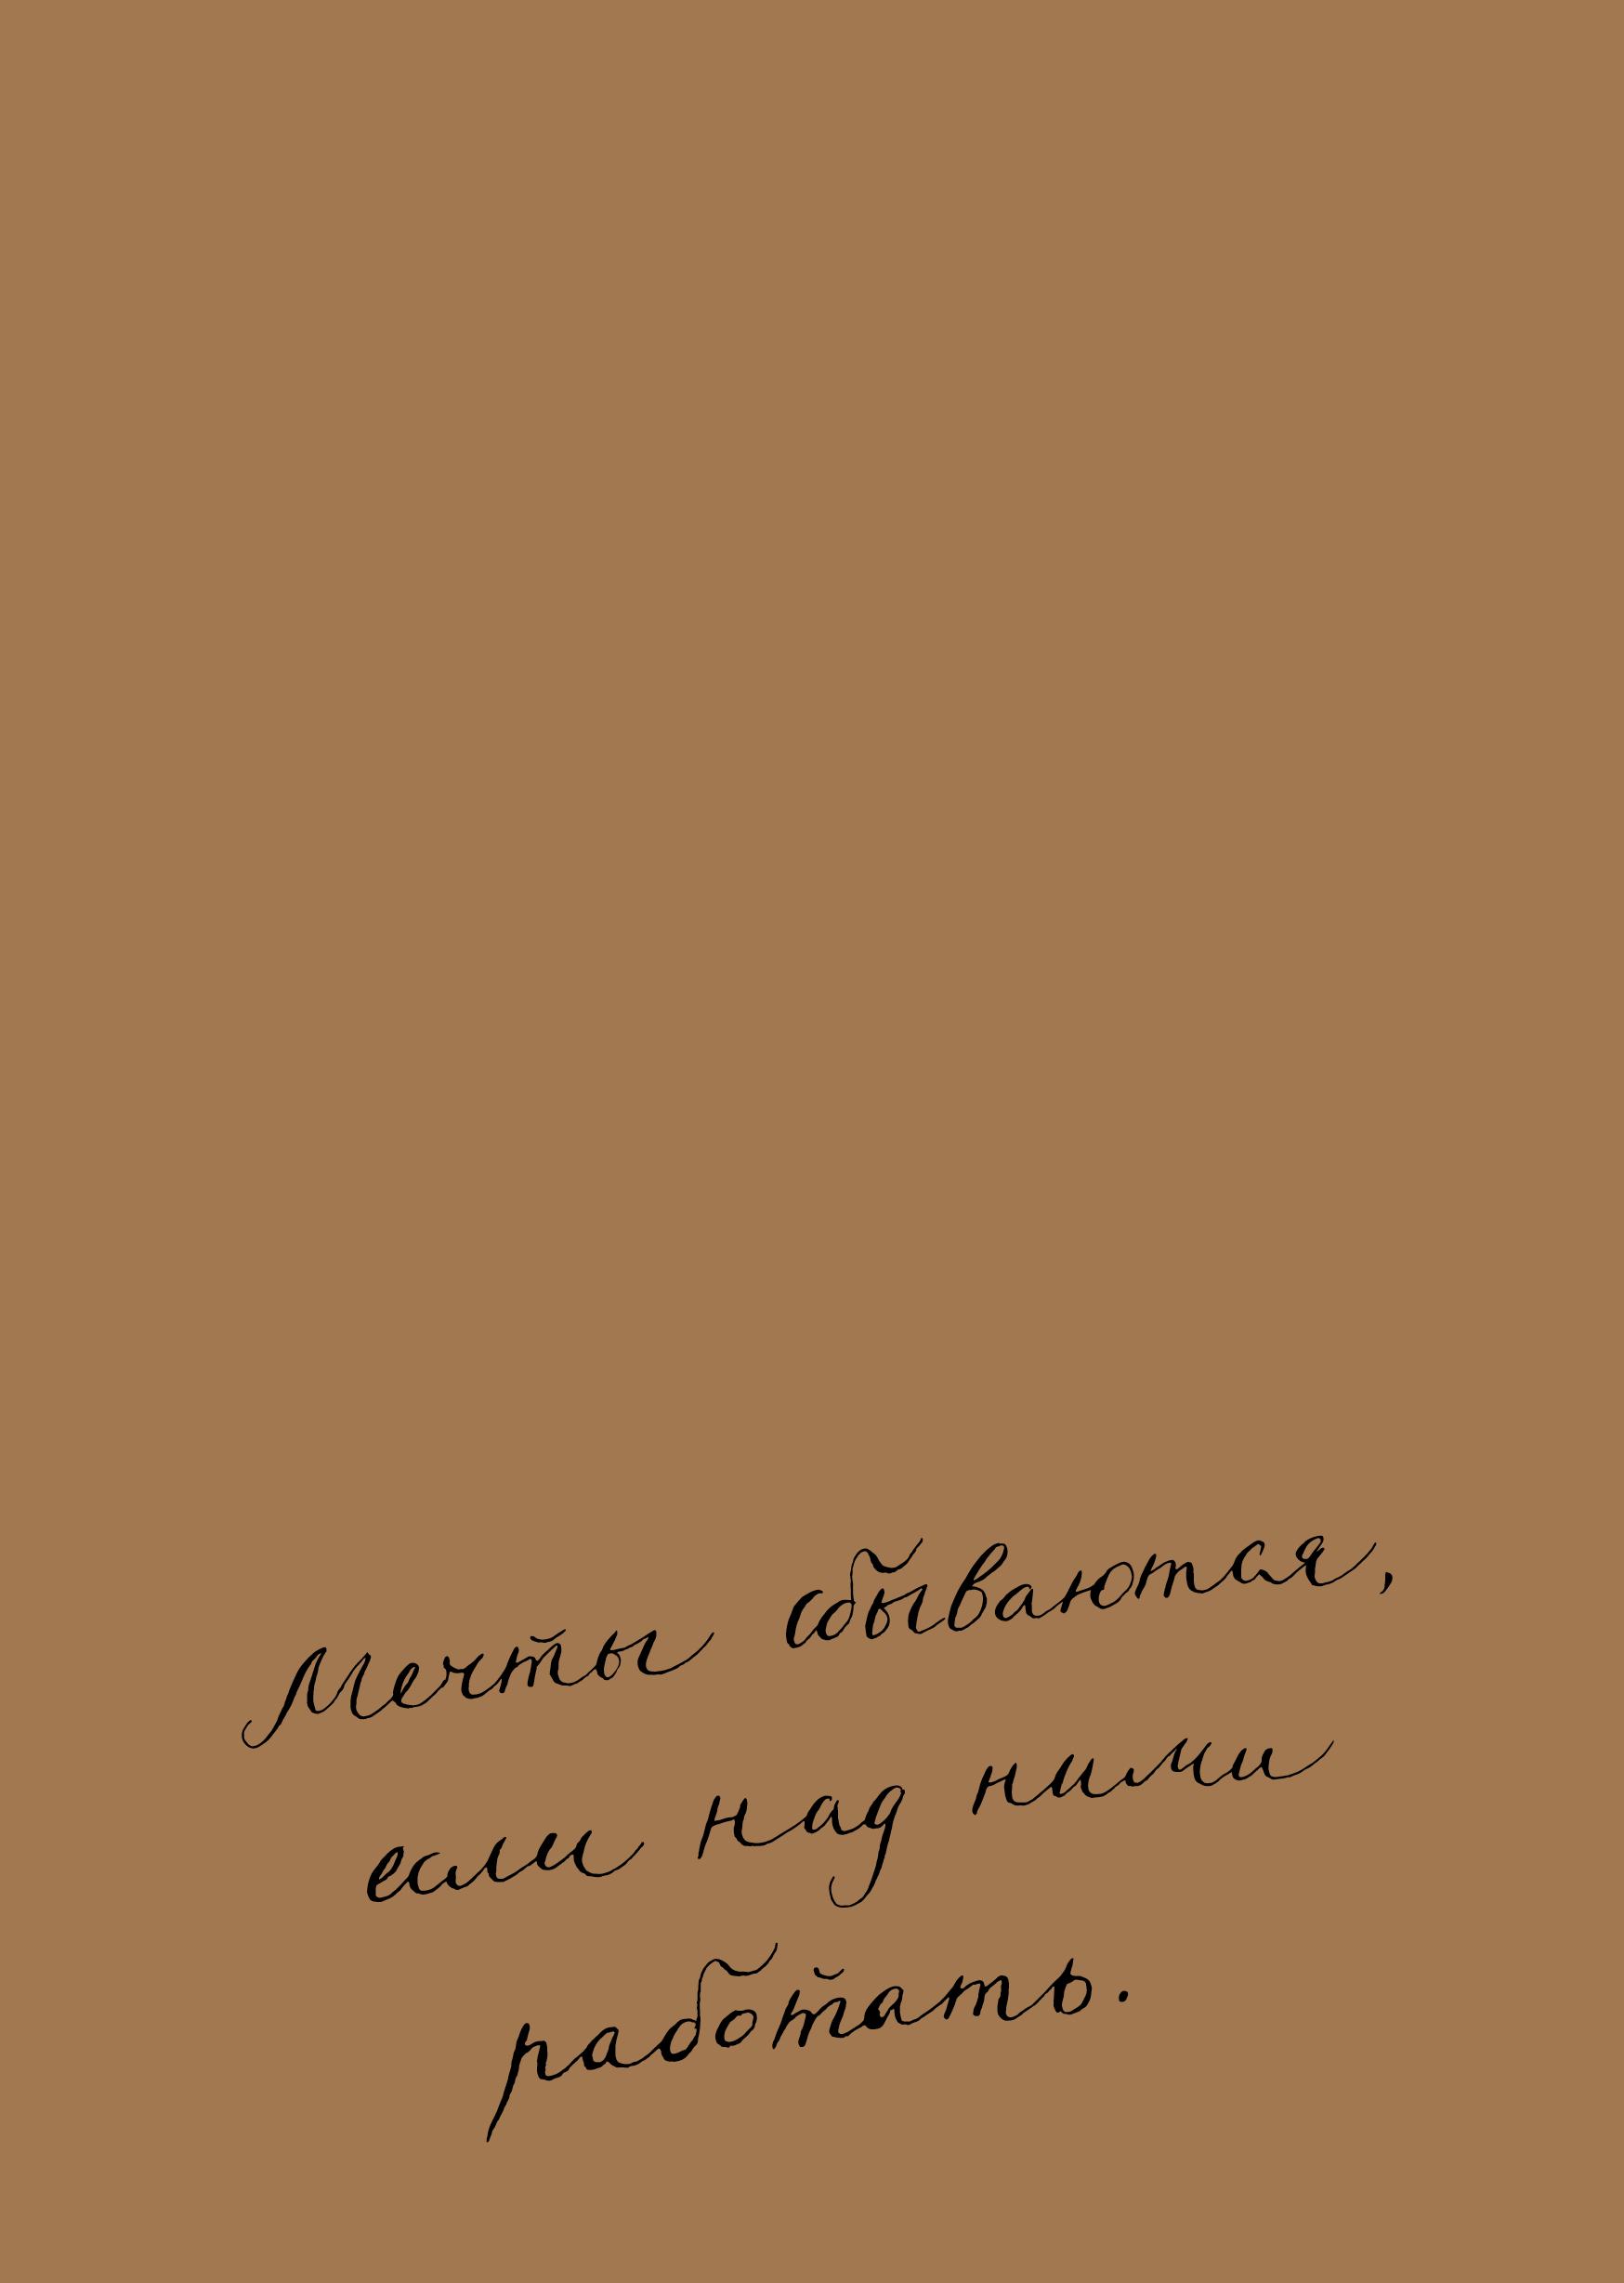 Блокнот. Мечты сбываются, если над ними работать (формат А5, мотивирующие фразы, крафт обложка) от book24.ru